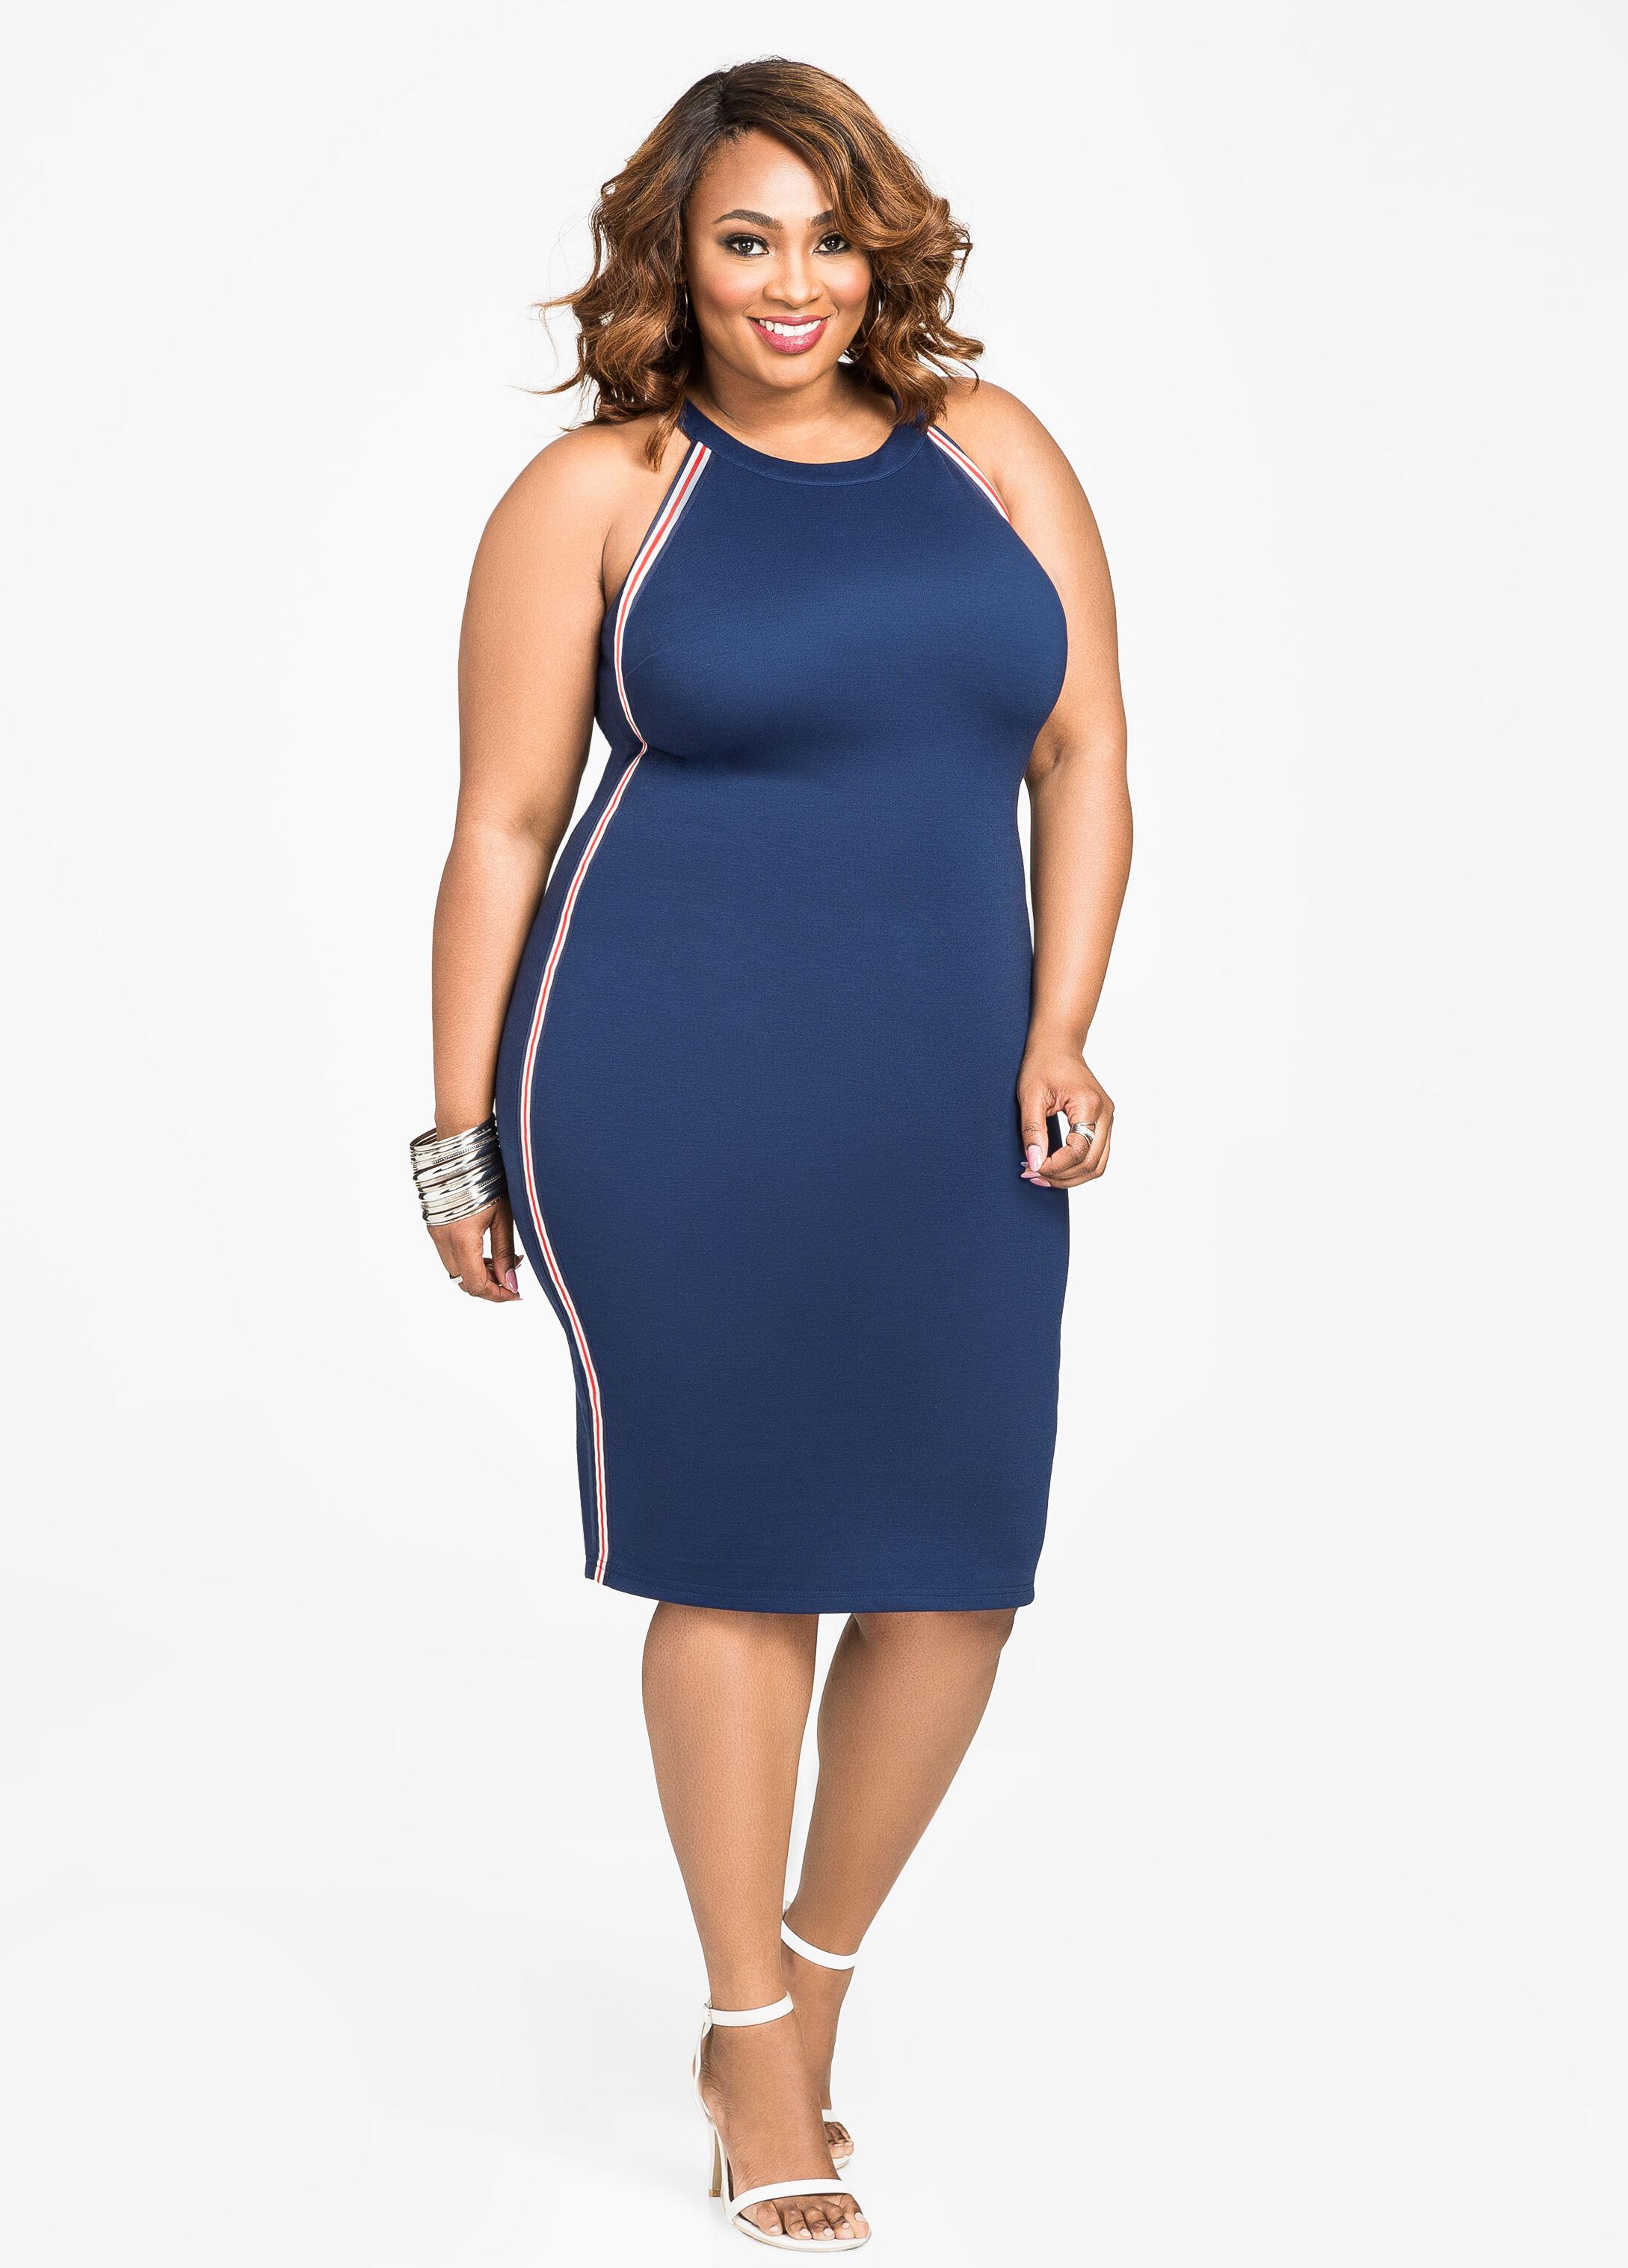 Sexy Plus-Size Bodycon Dresses & Bandage Dresses   AshleyStewart.com